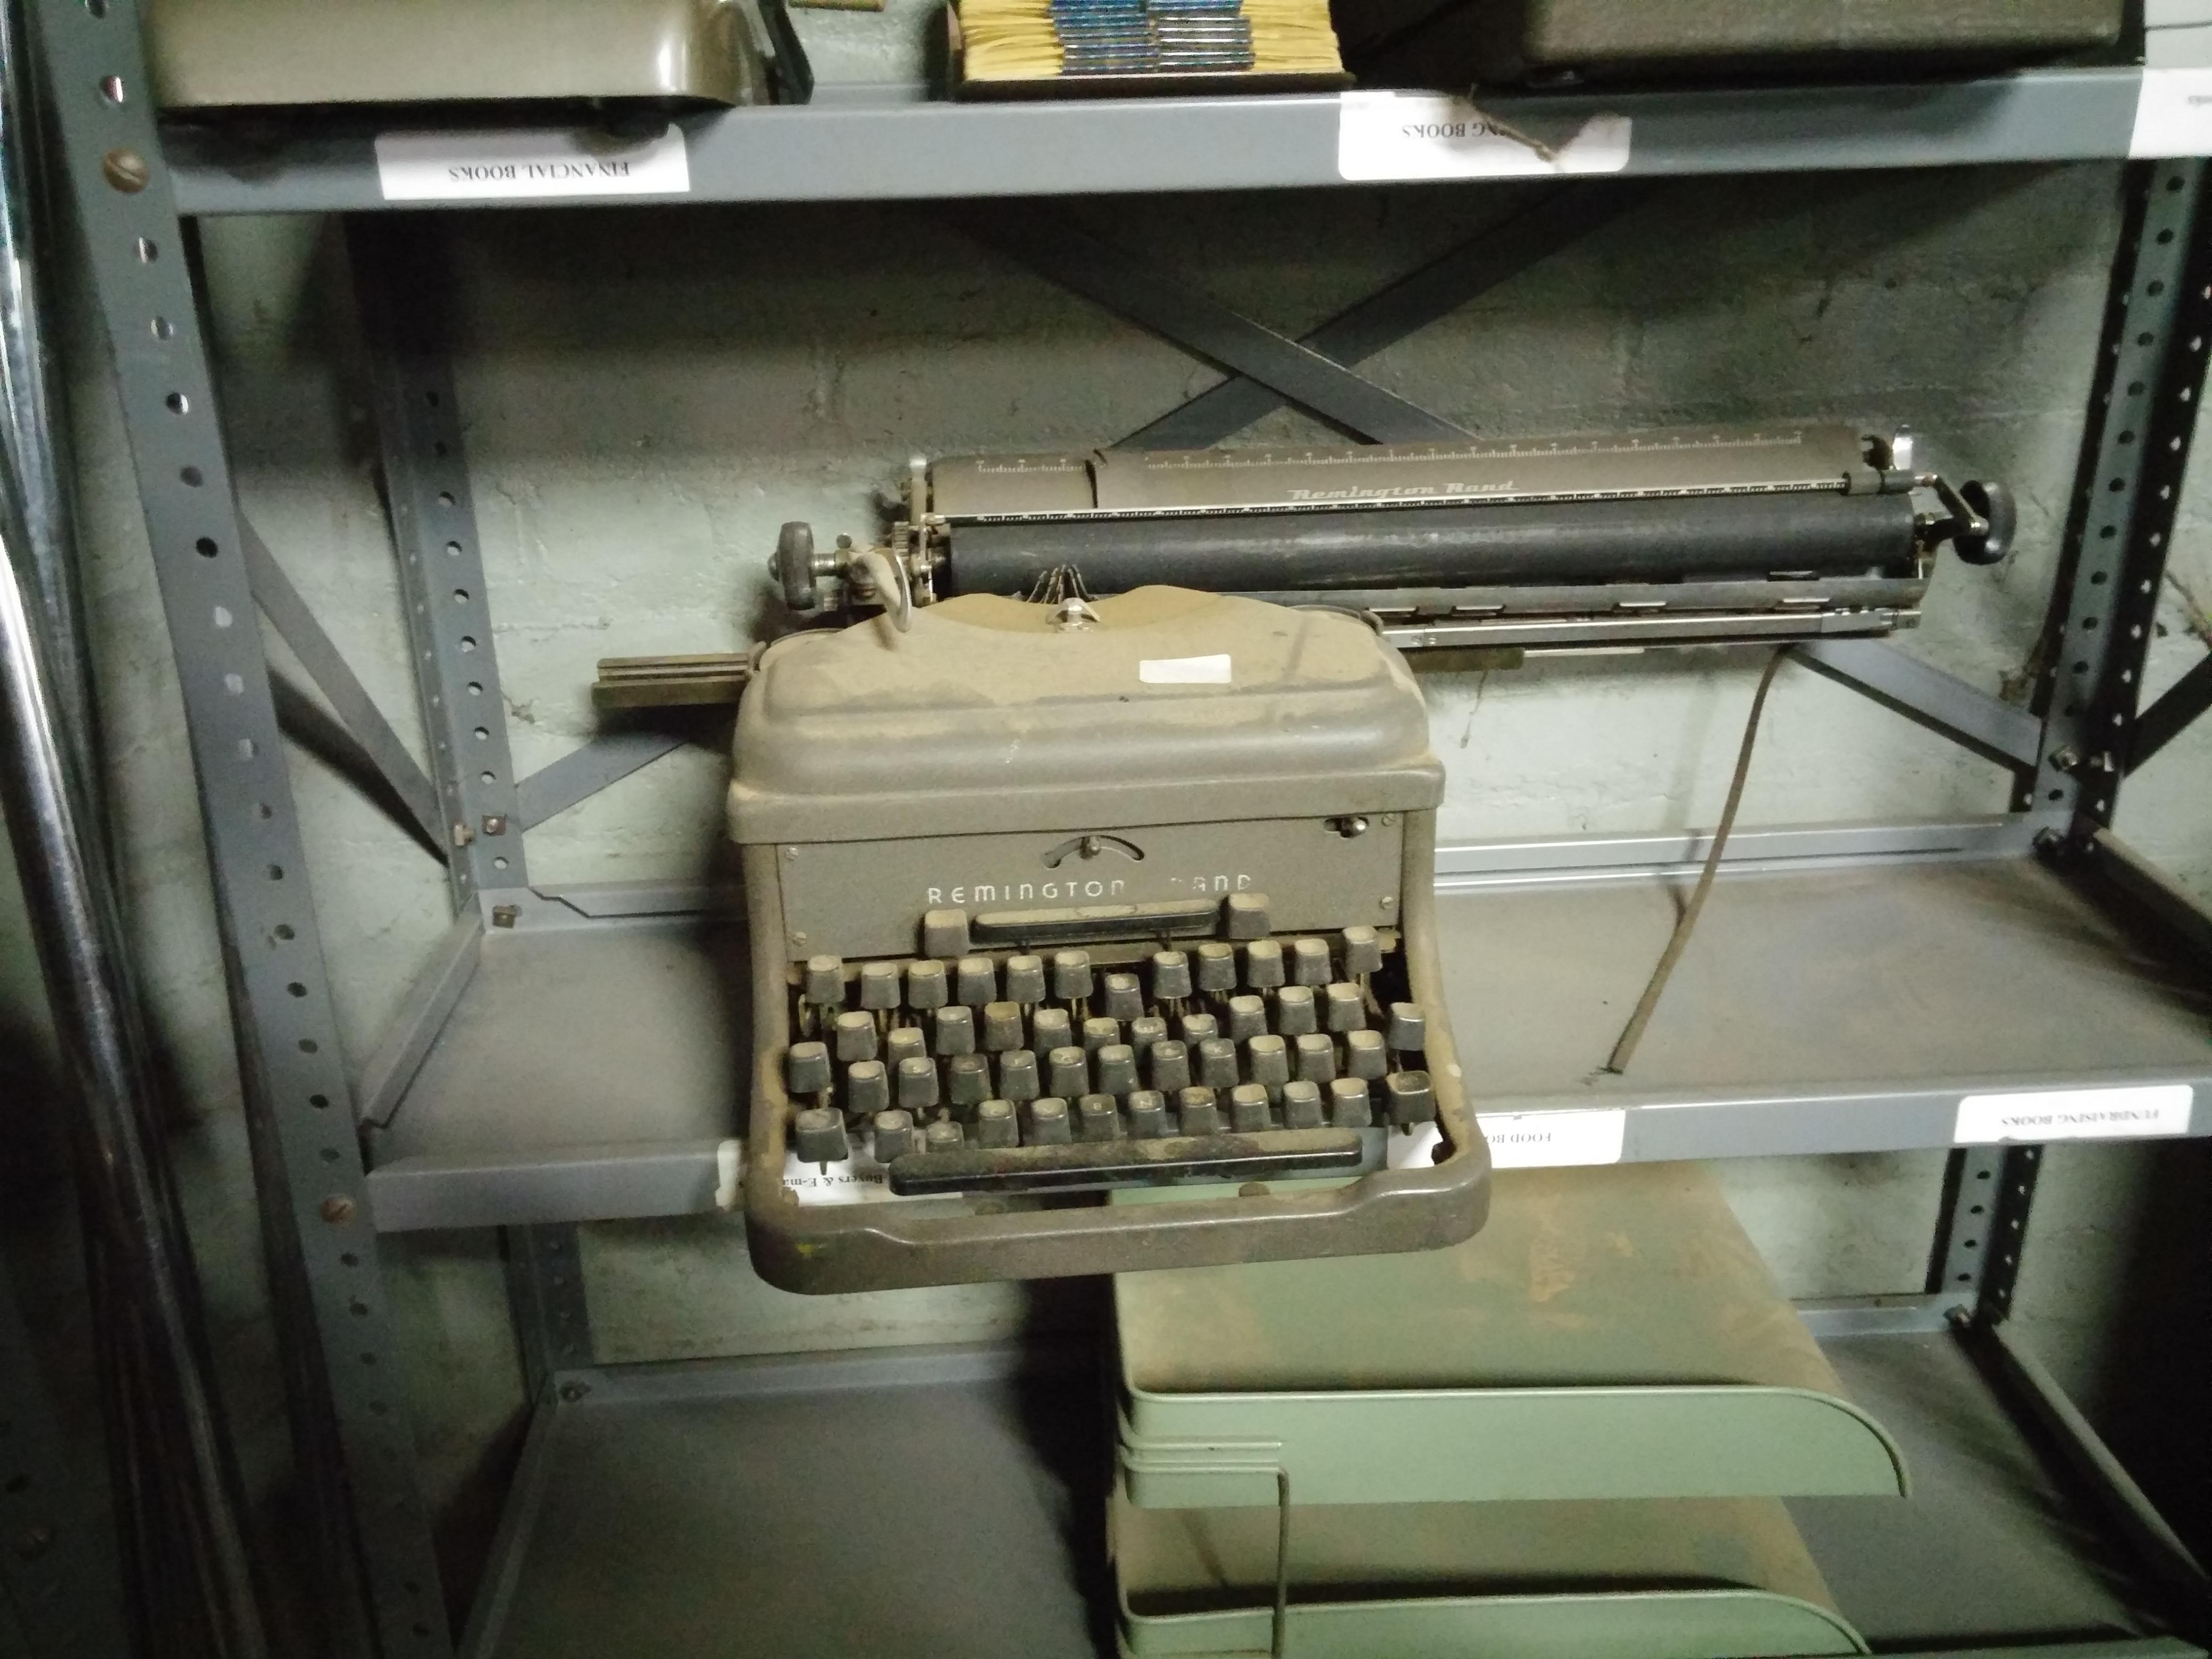 68. Typewriter